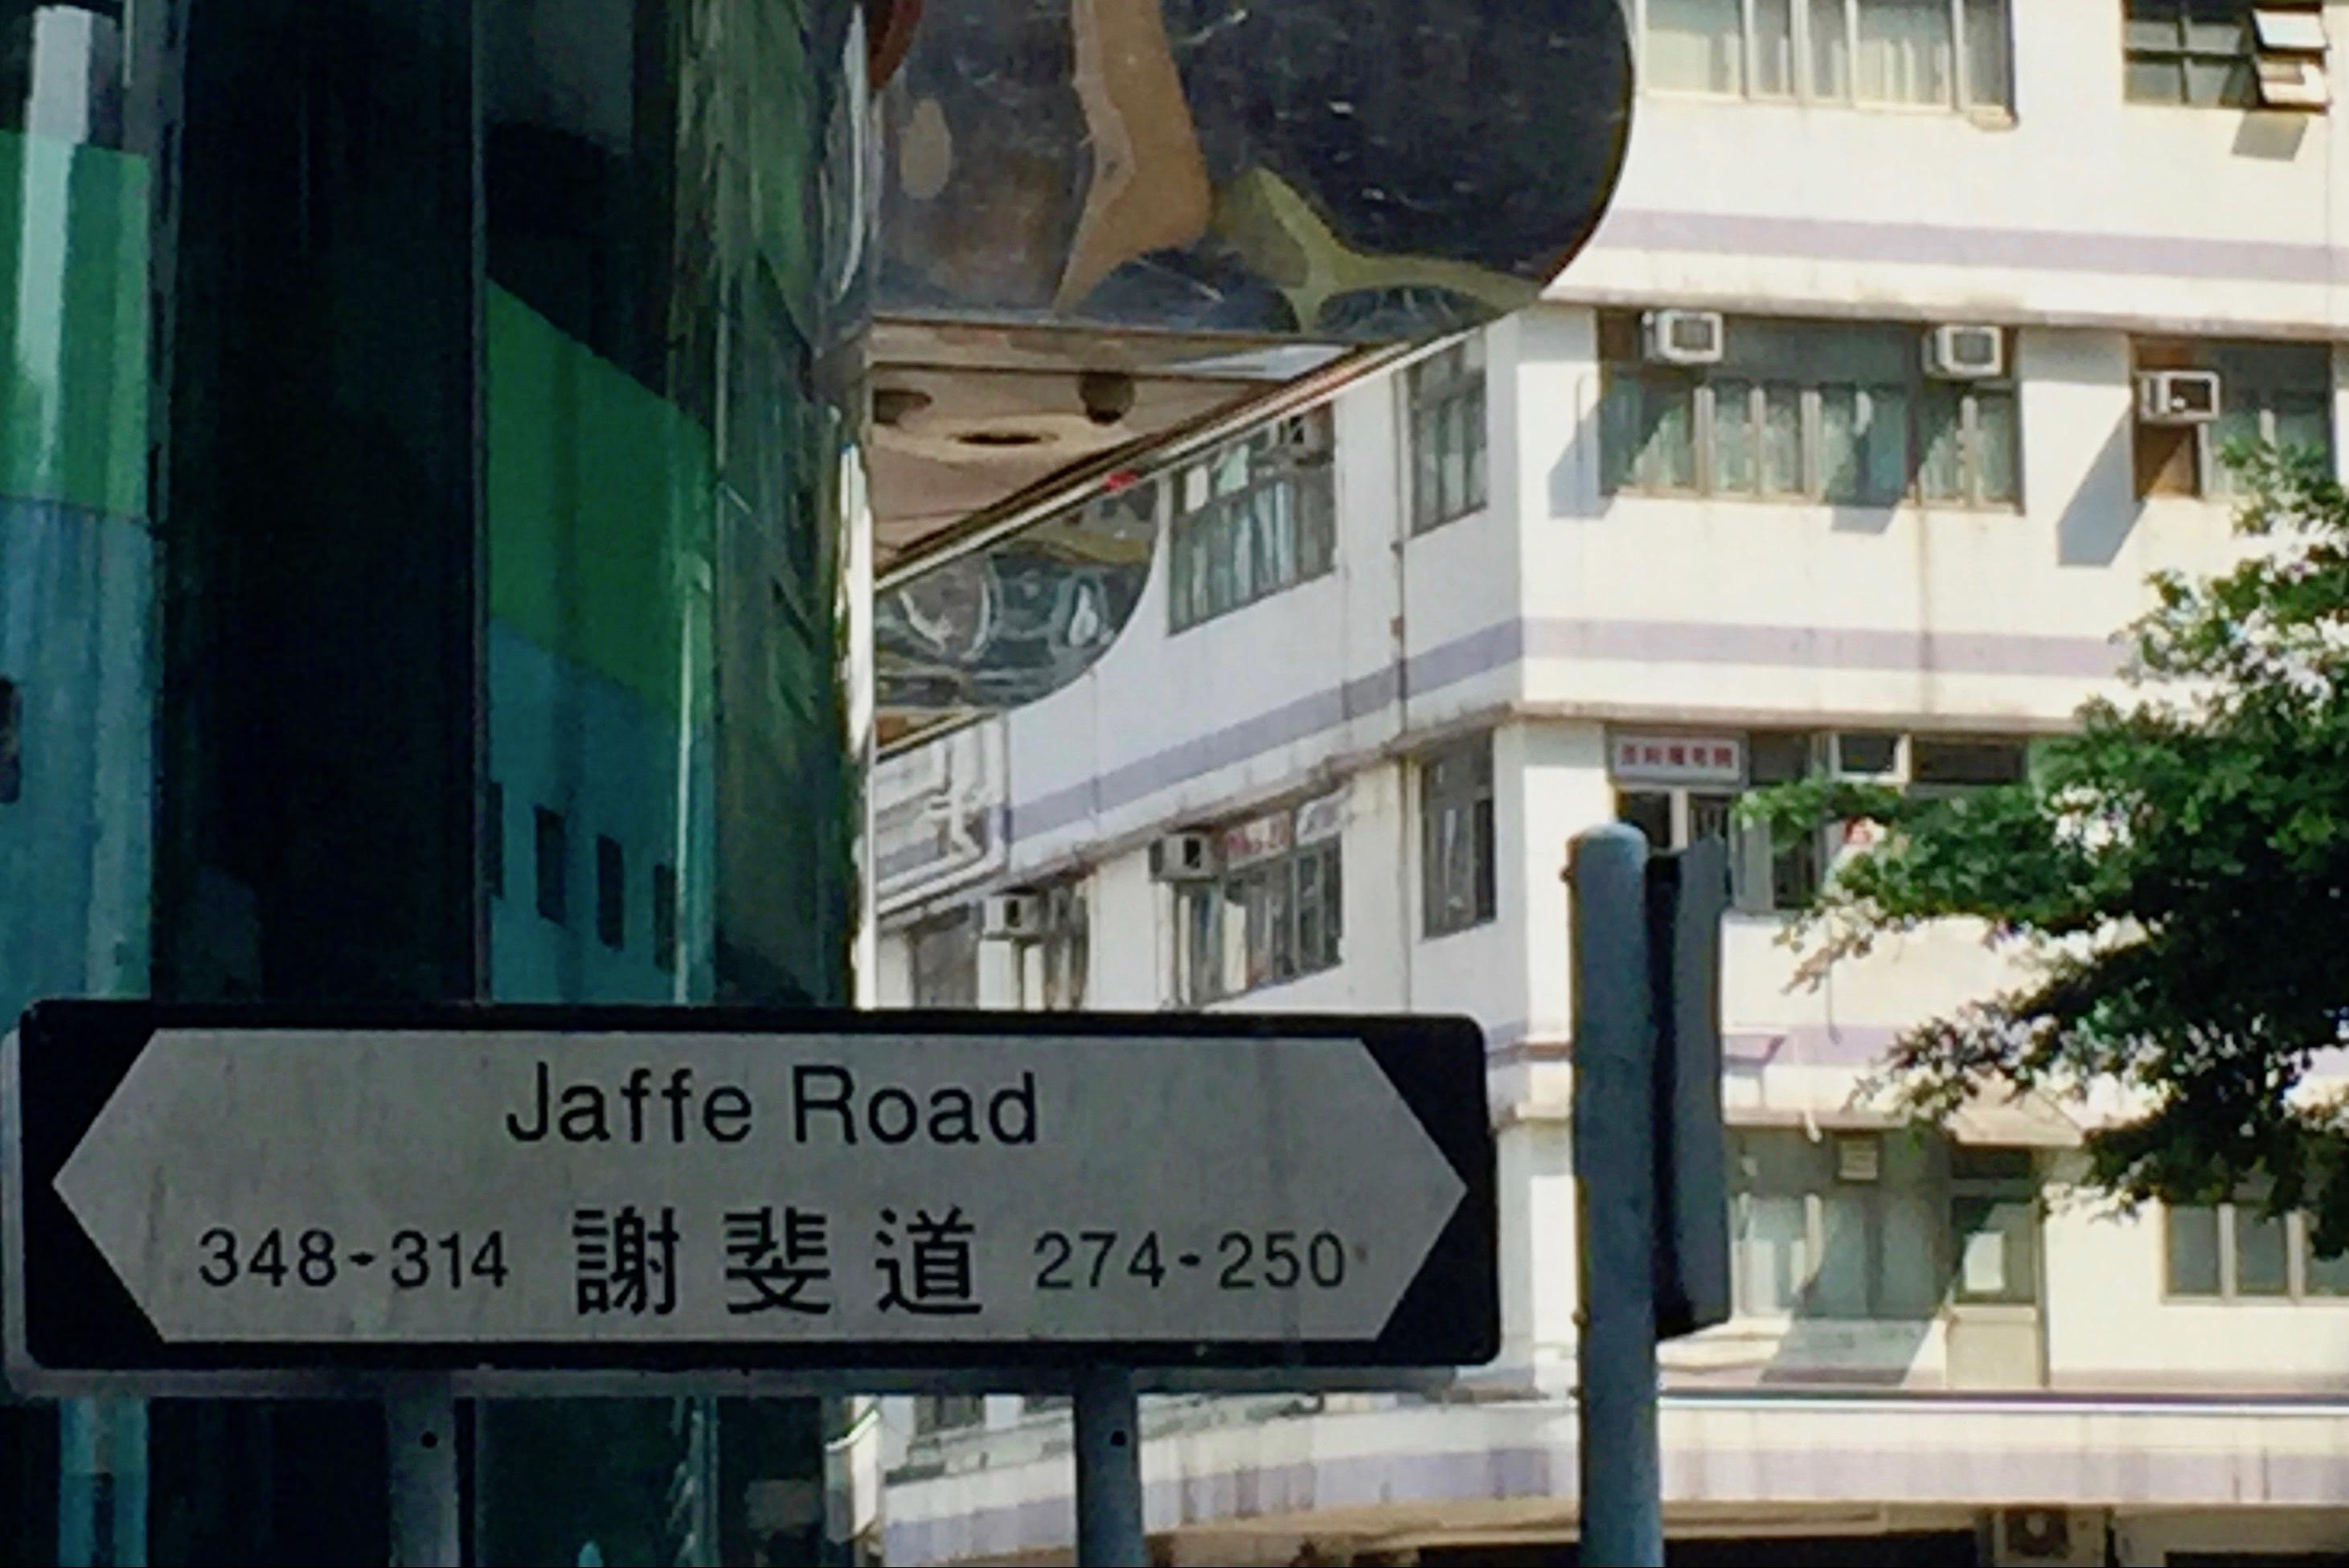 Jaffe Road Wan Chai Hong Kong - FB shop fro lease